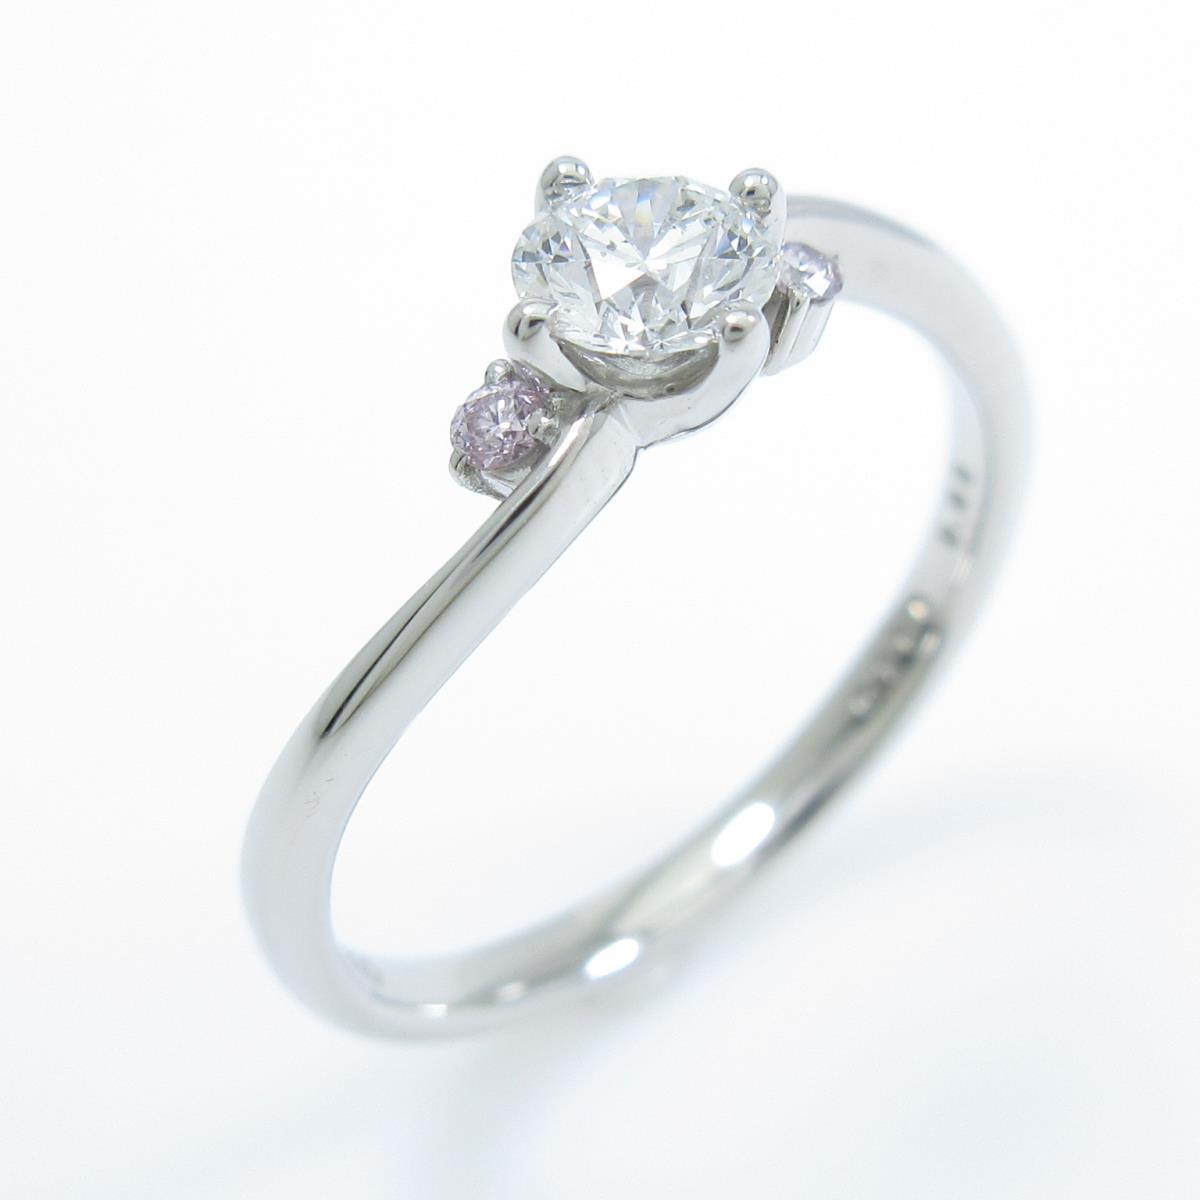 プラチナダイヤモンドリング 0.2885ct・F・SI1・EXT【中古】